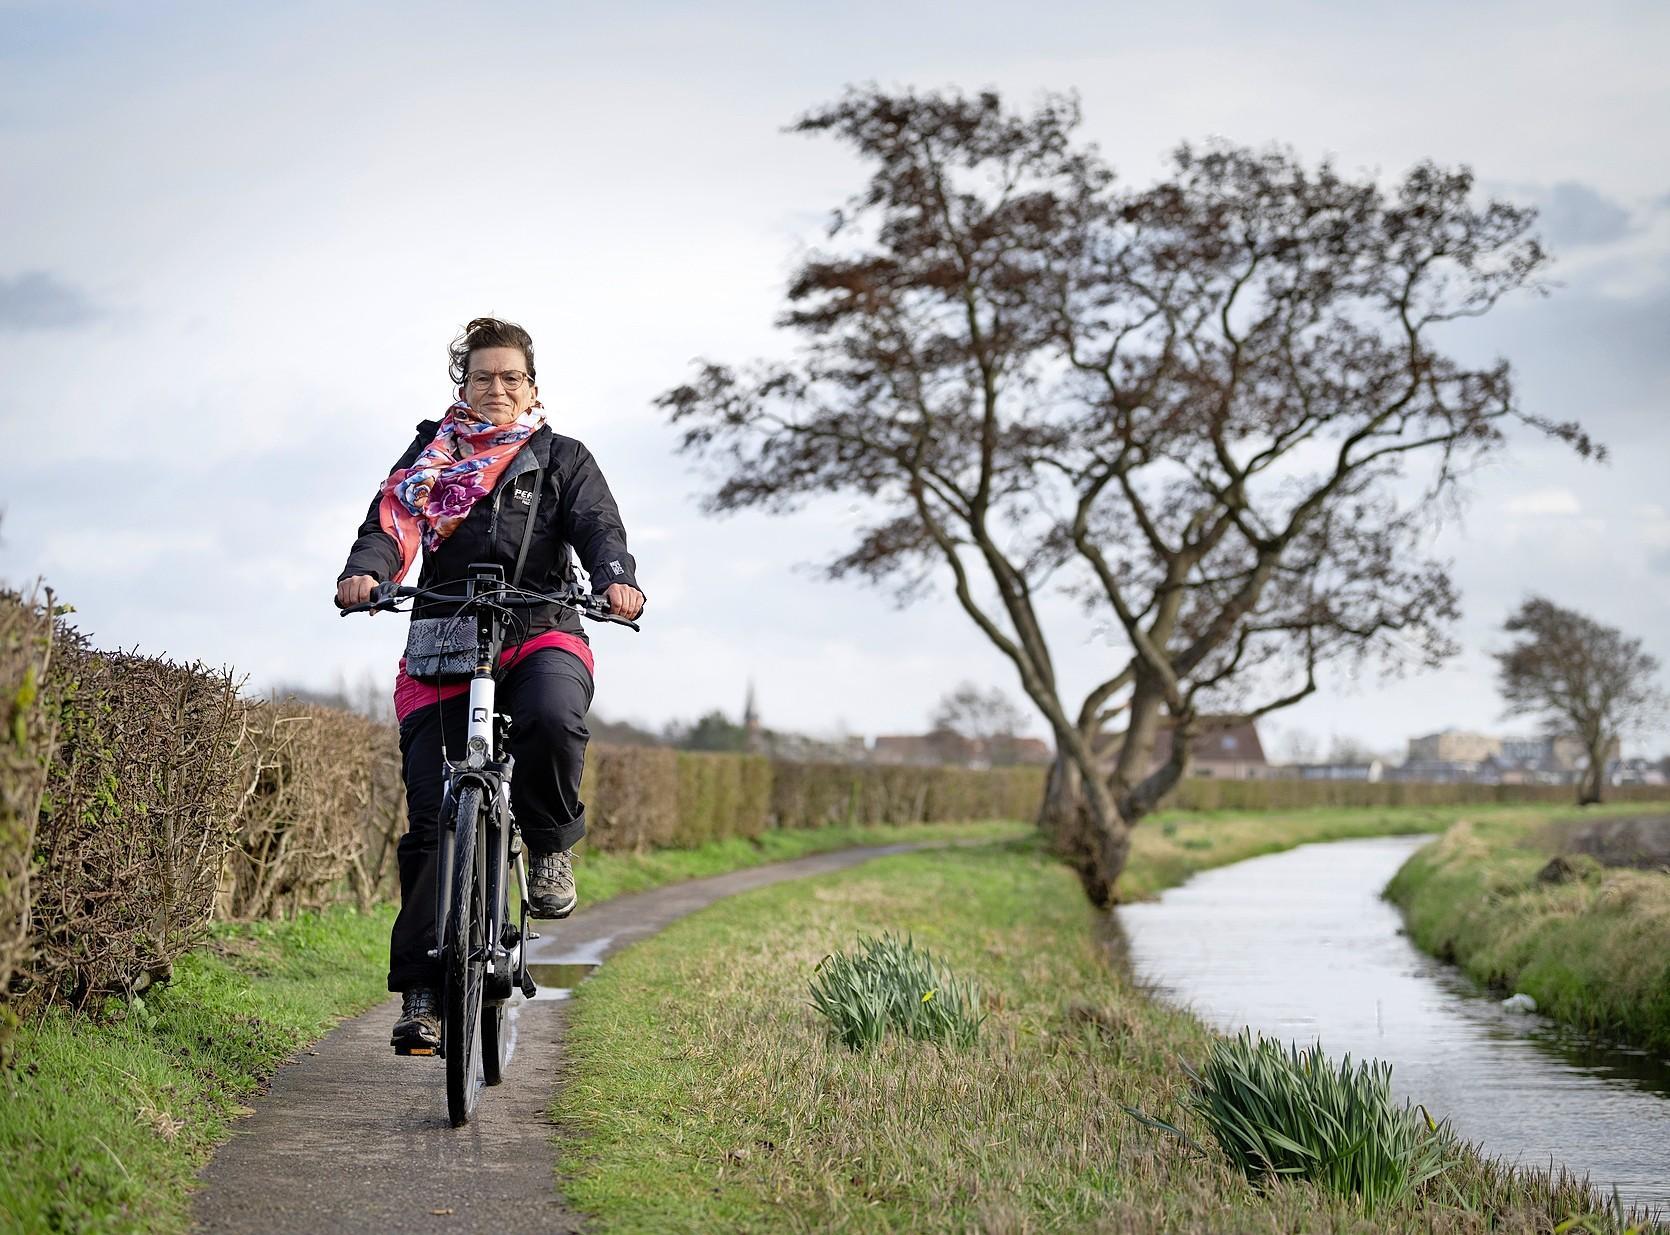 Nieuwe fiets- en wandelroutes met gids door de Bollenstreek: 'Als je zelf verrast bent geweest door wat je ziet, kun je er leuk over vertellen'